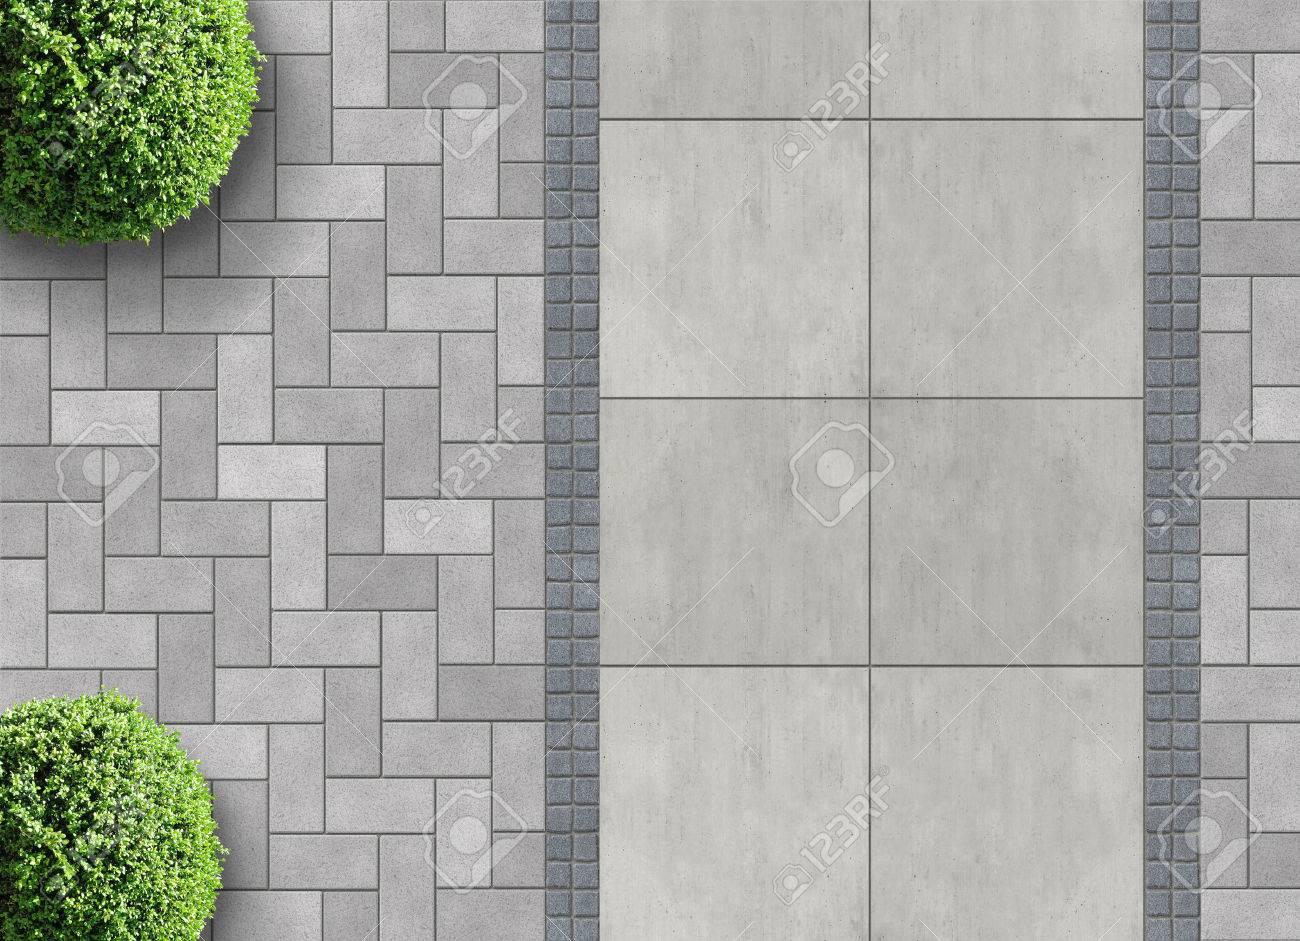 Marciapiedi Esterni Casa : Palladiana marciapiedi e sentieri giardino a marcon kijiji